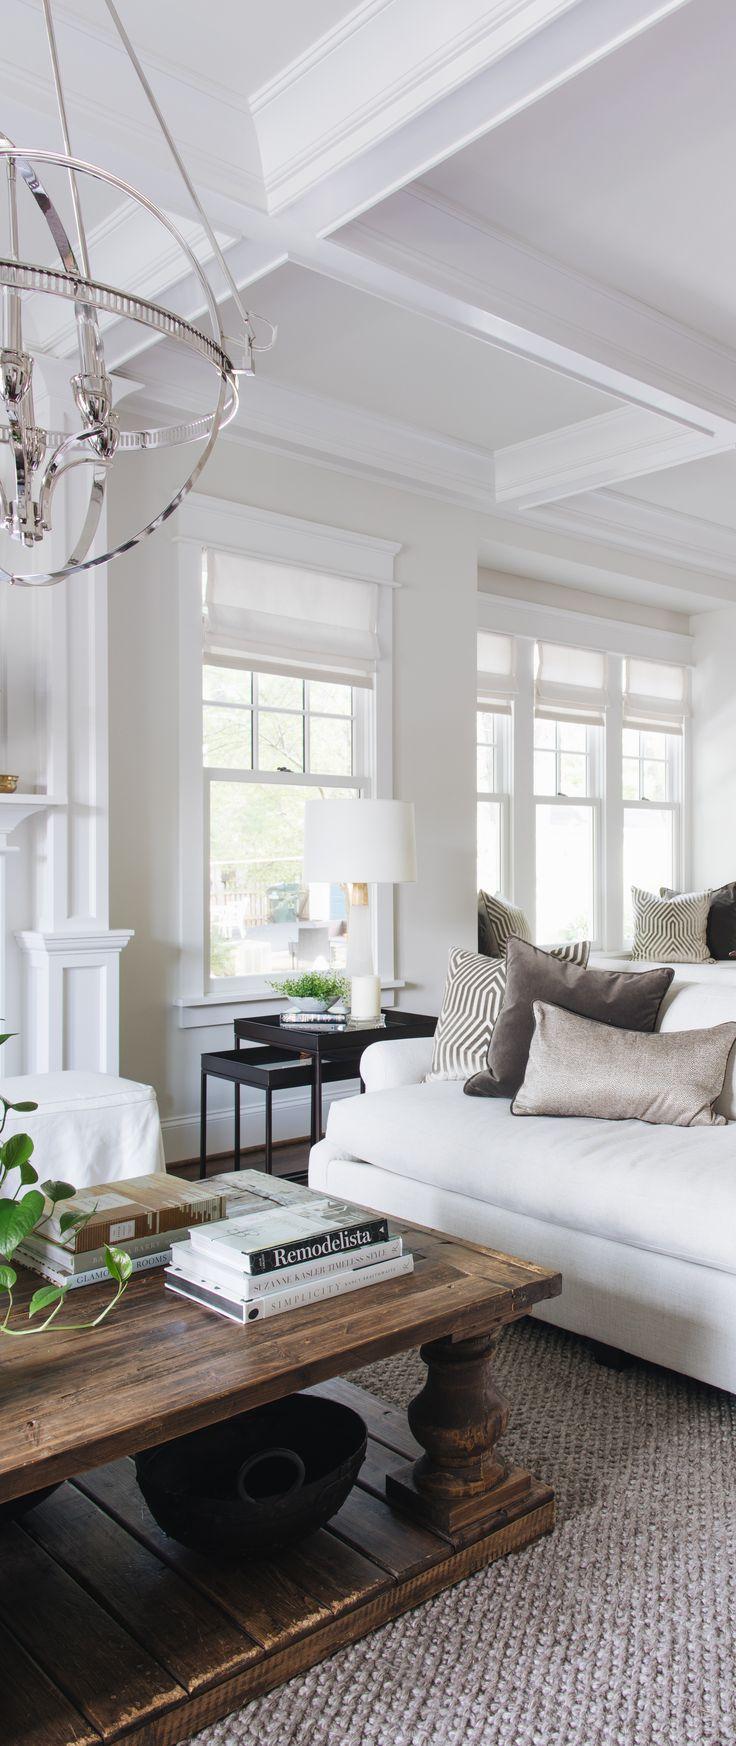 Julie Howard Interiors Interior Design Portfolios Home Decor